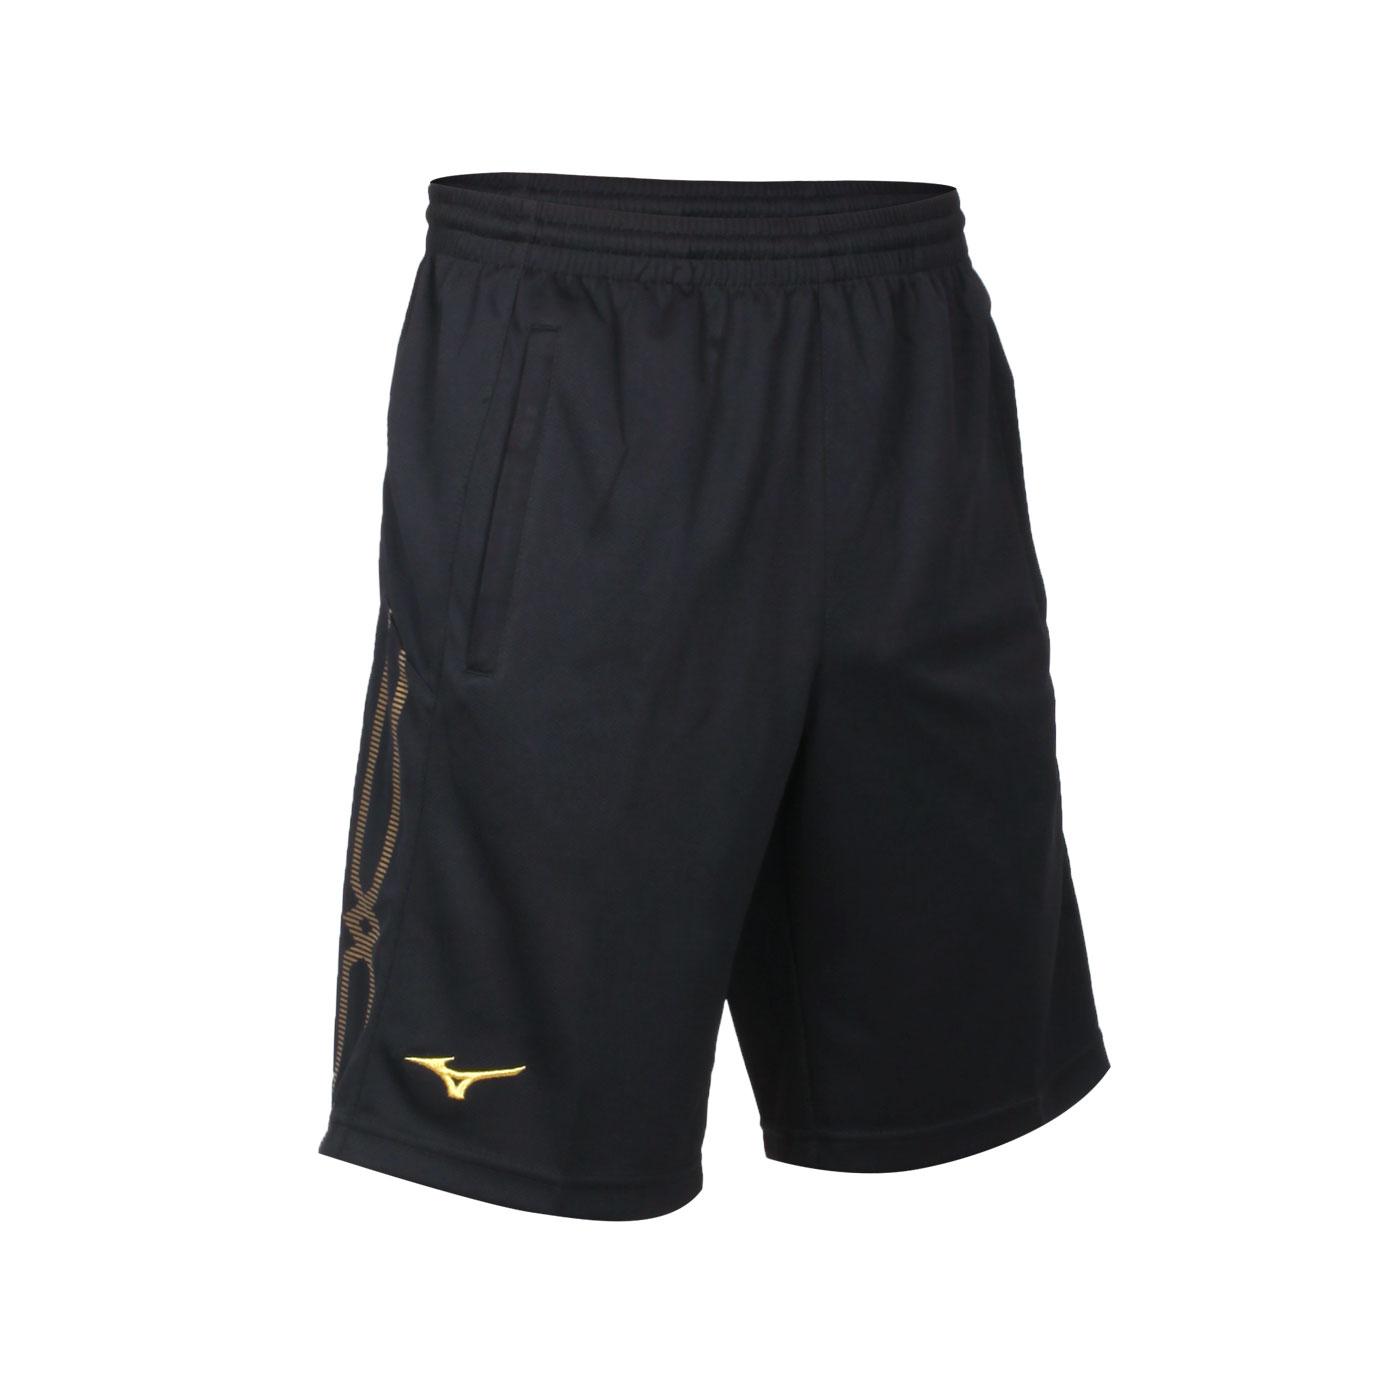 MIZUNO 男款針織短褲 32TB153294 - 黑金